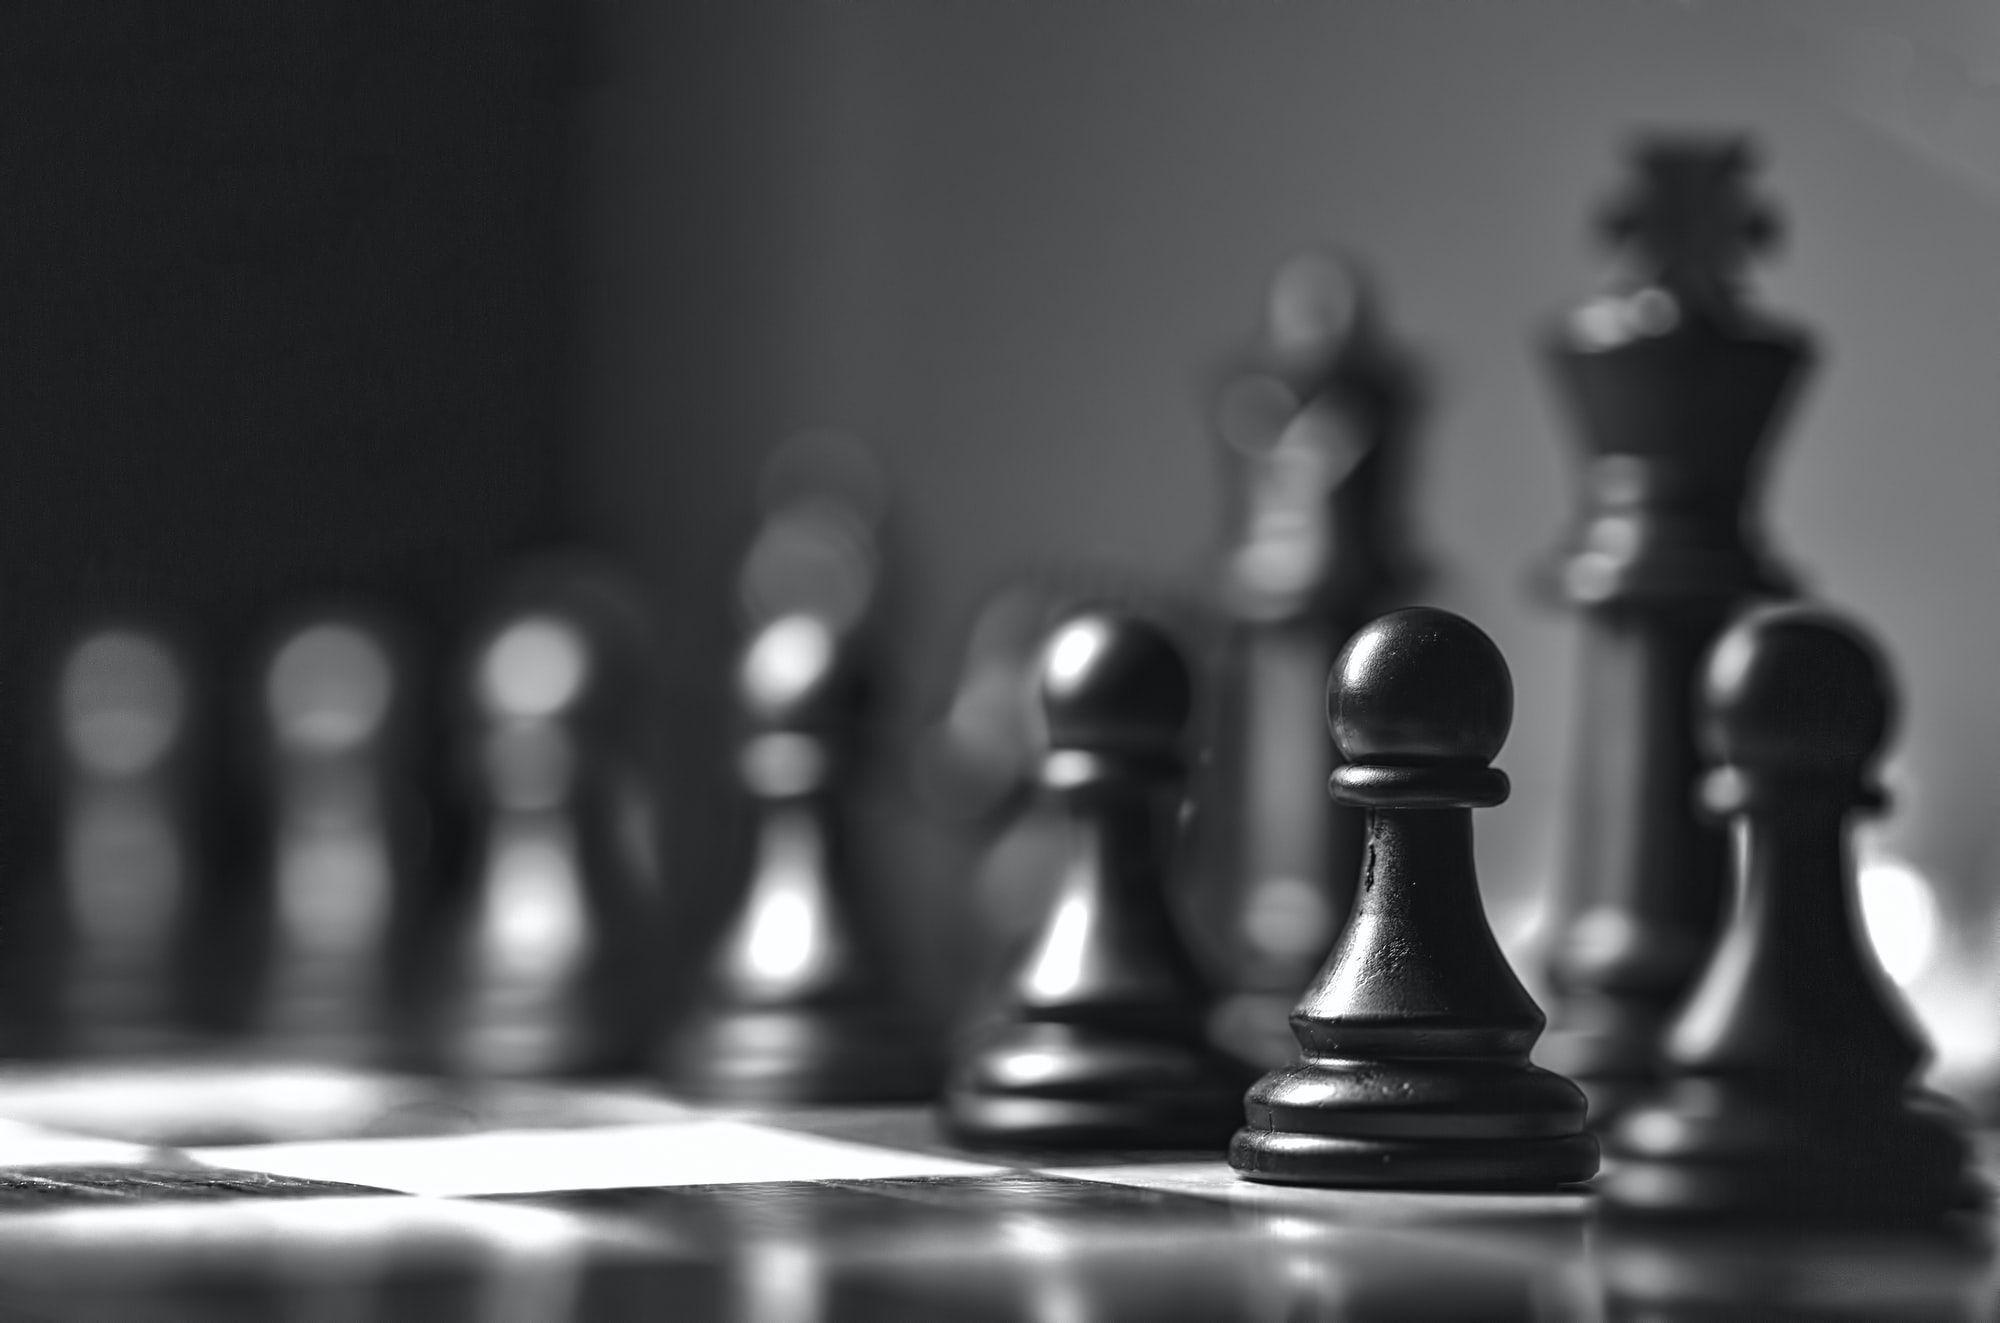 «Чорні проти білих». Штучний інтелект заблокував найпопулярніший канал на YouTube про шахи за «расизм»